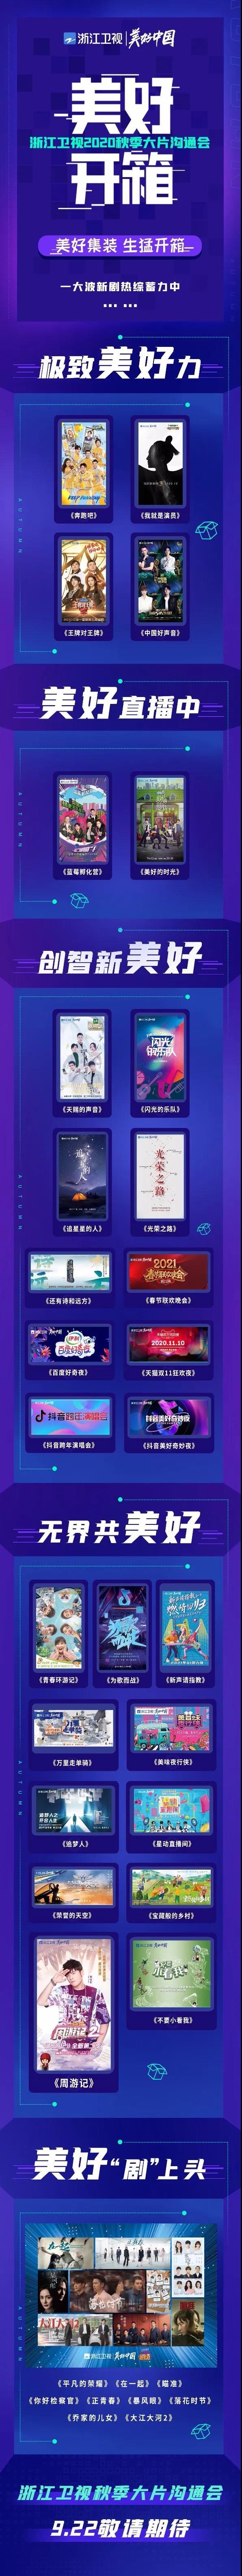 浙江卫视2021秋季大片沟通会:美好集装 生猛开箱